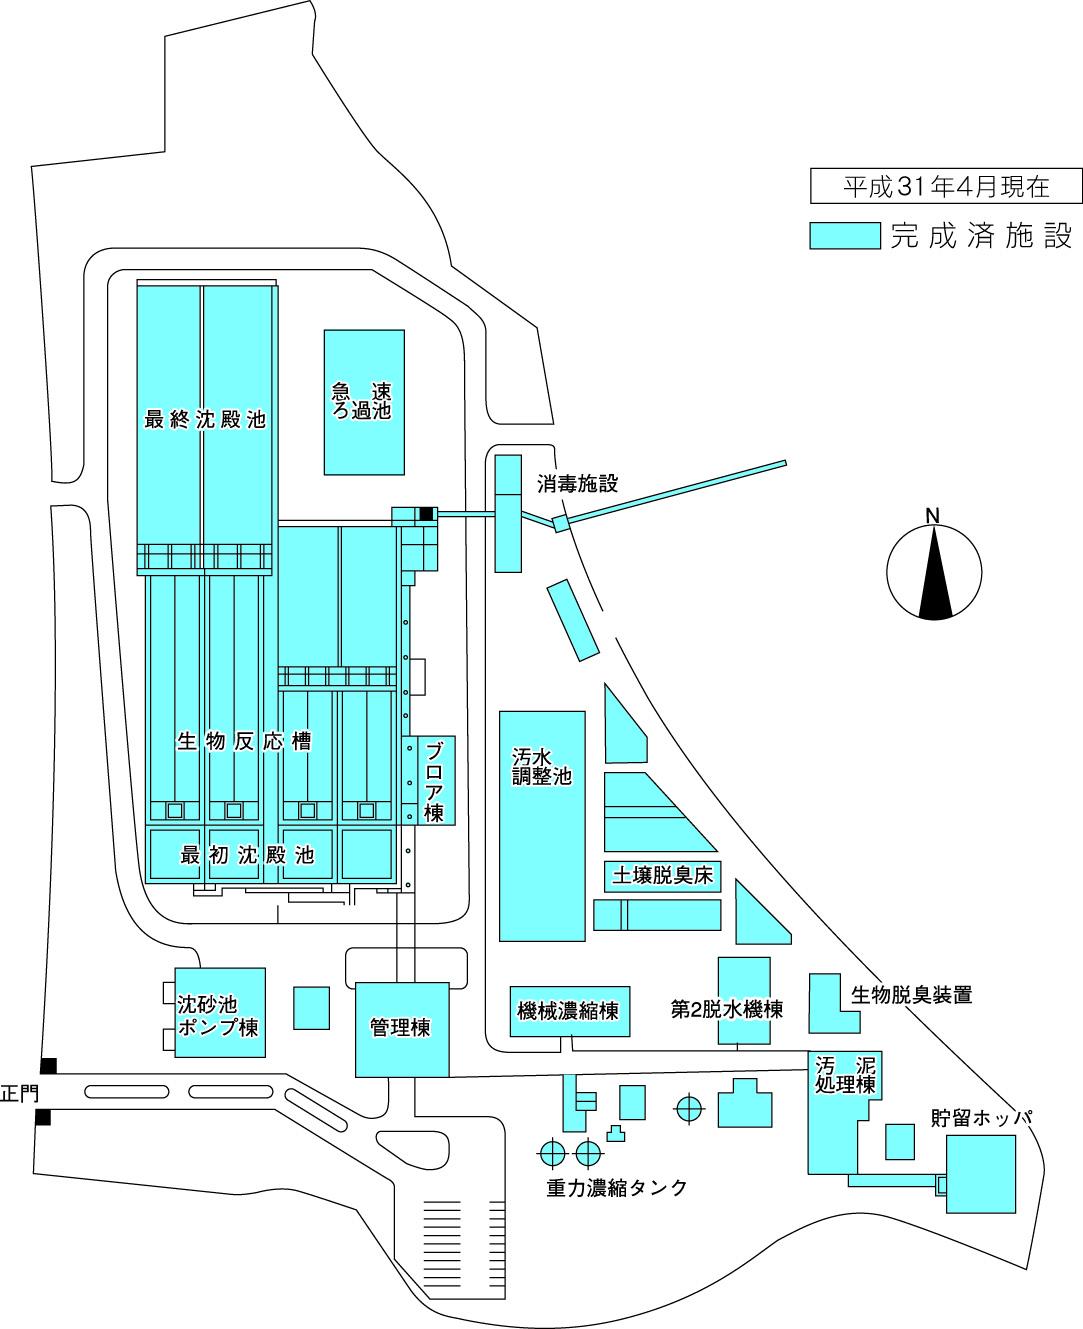 center-houman-haichi